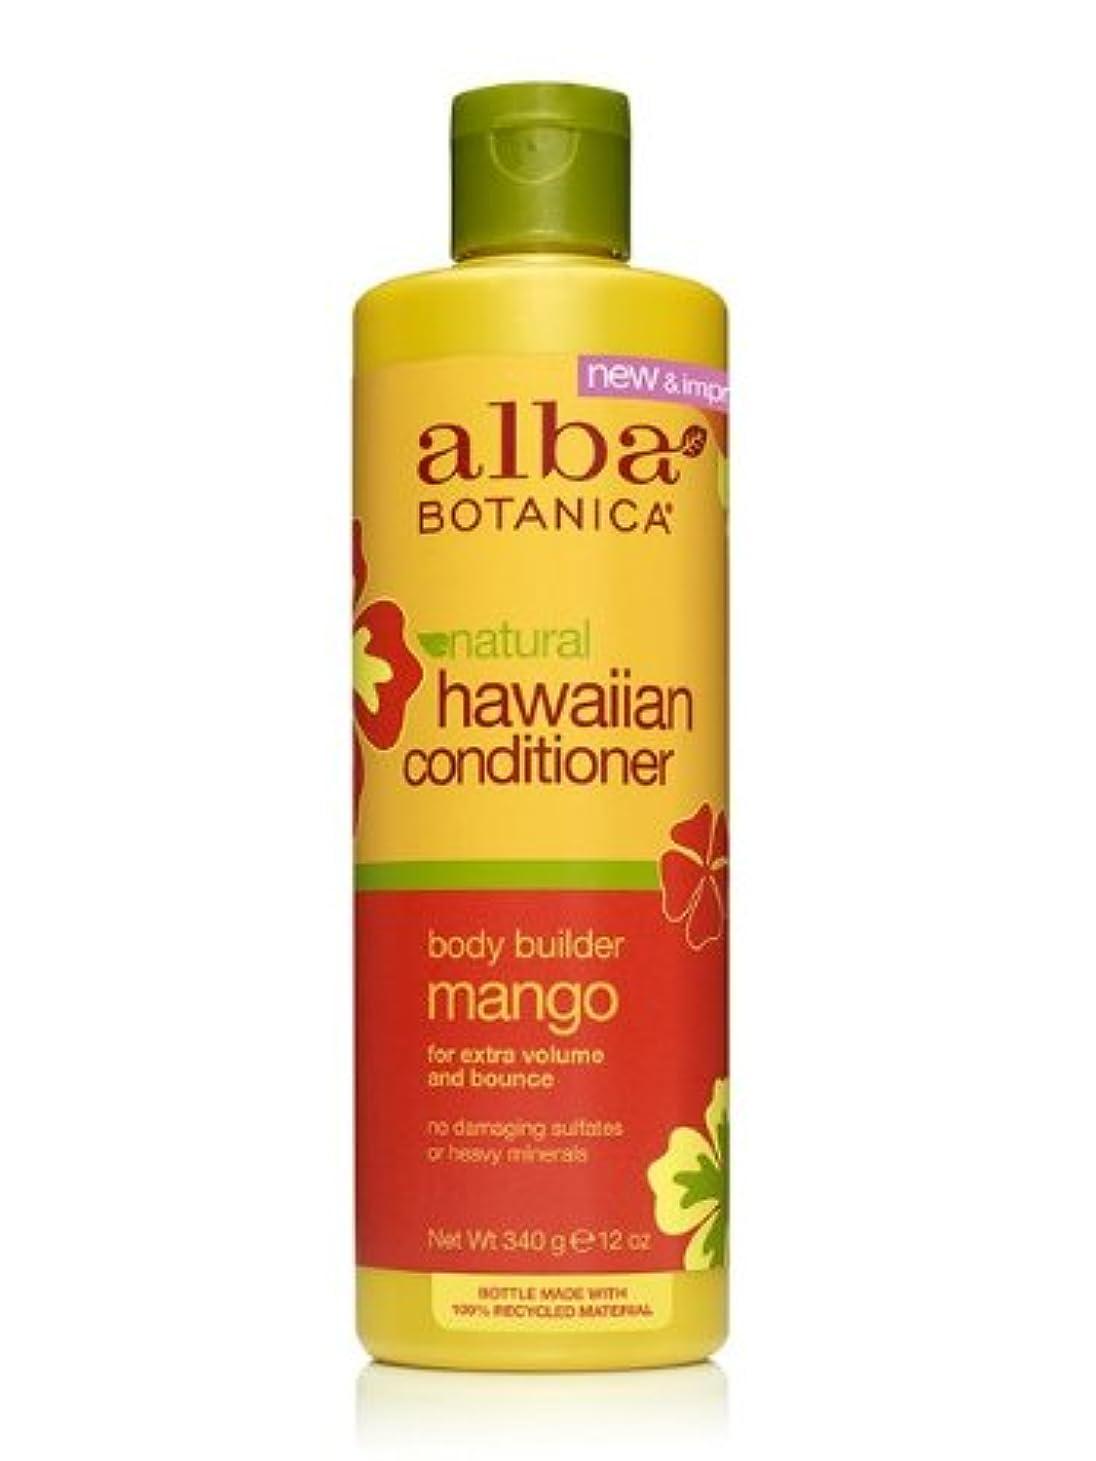 工業用スポーツをするからに変化するalba BOTANICA アルバボタニカ ハワイアン ヘアコンディショナー MG マンゴー